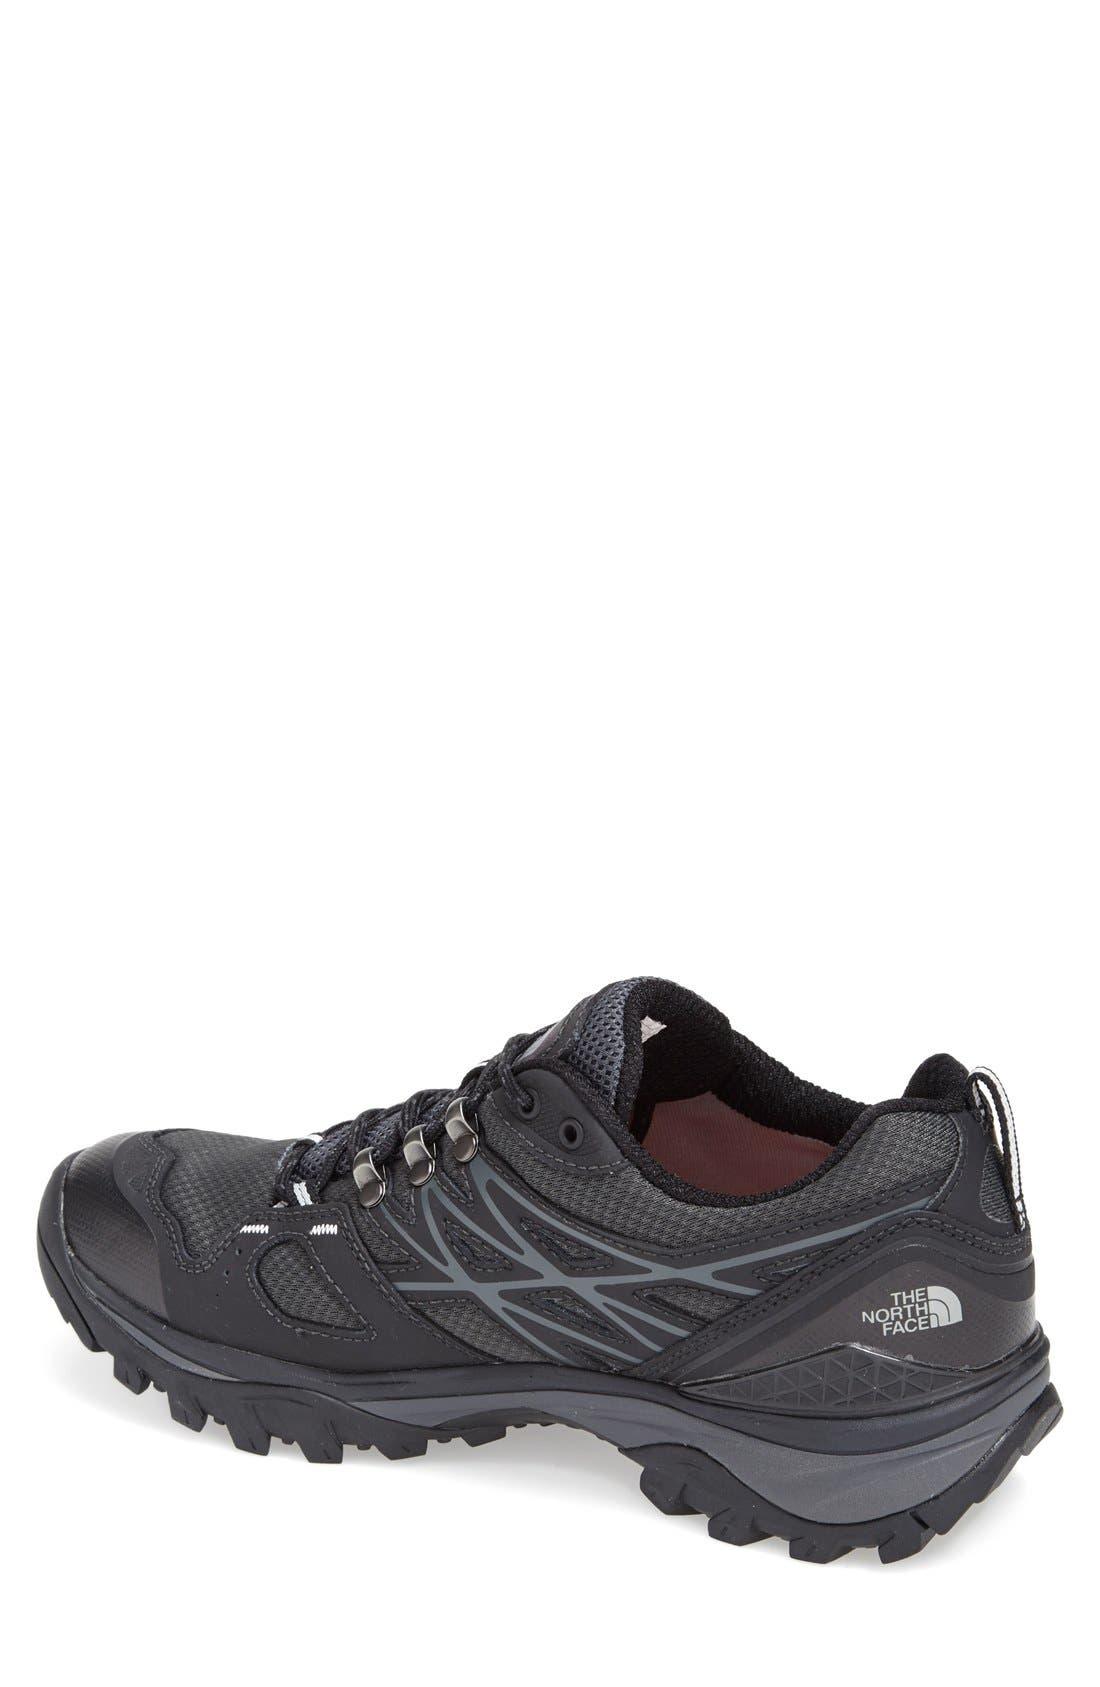 'Hedgehog Fastpack' Gore-Tex<sup>®</sup> Waterproof Hiking Shoe,                             Alternate thumbnail 3, color,                             001